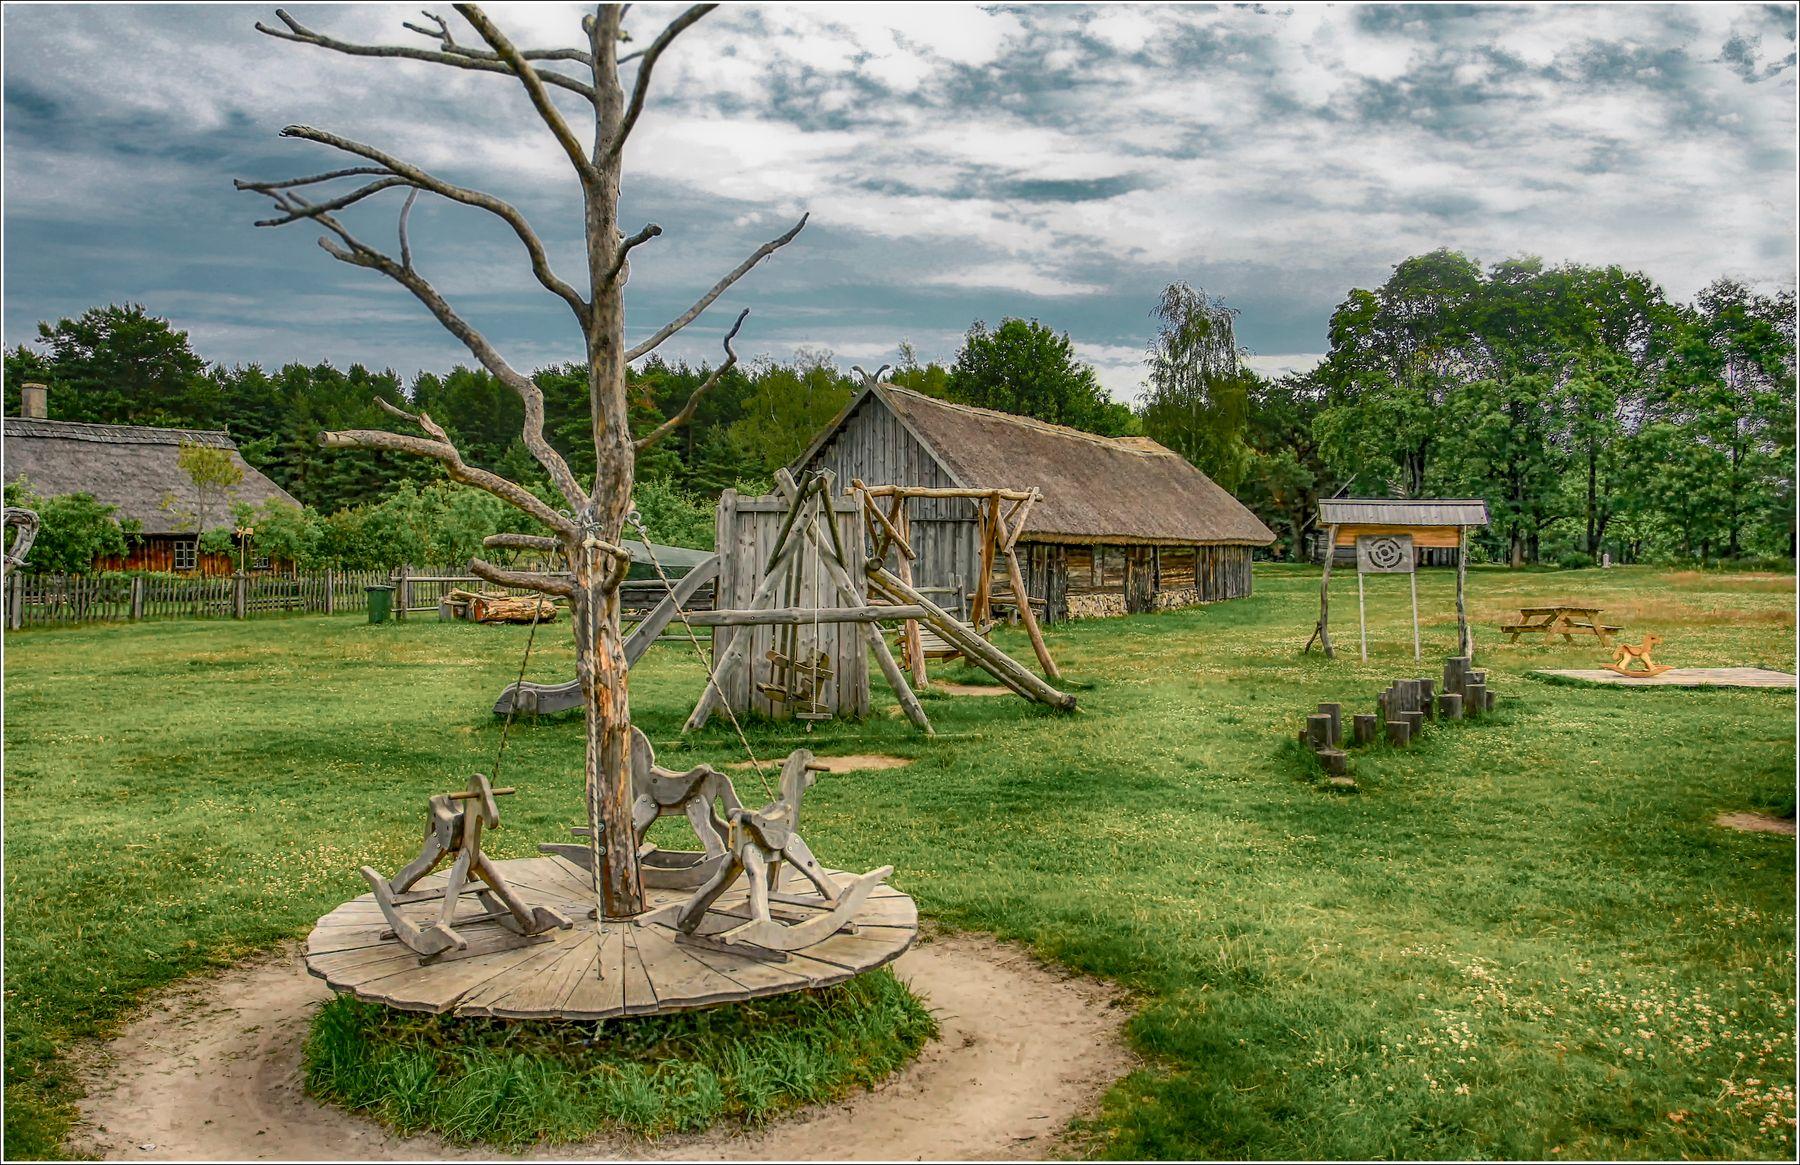 Детская площадка fitter36 музей этнография рига